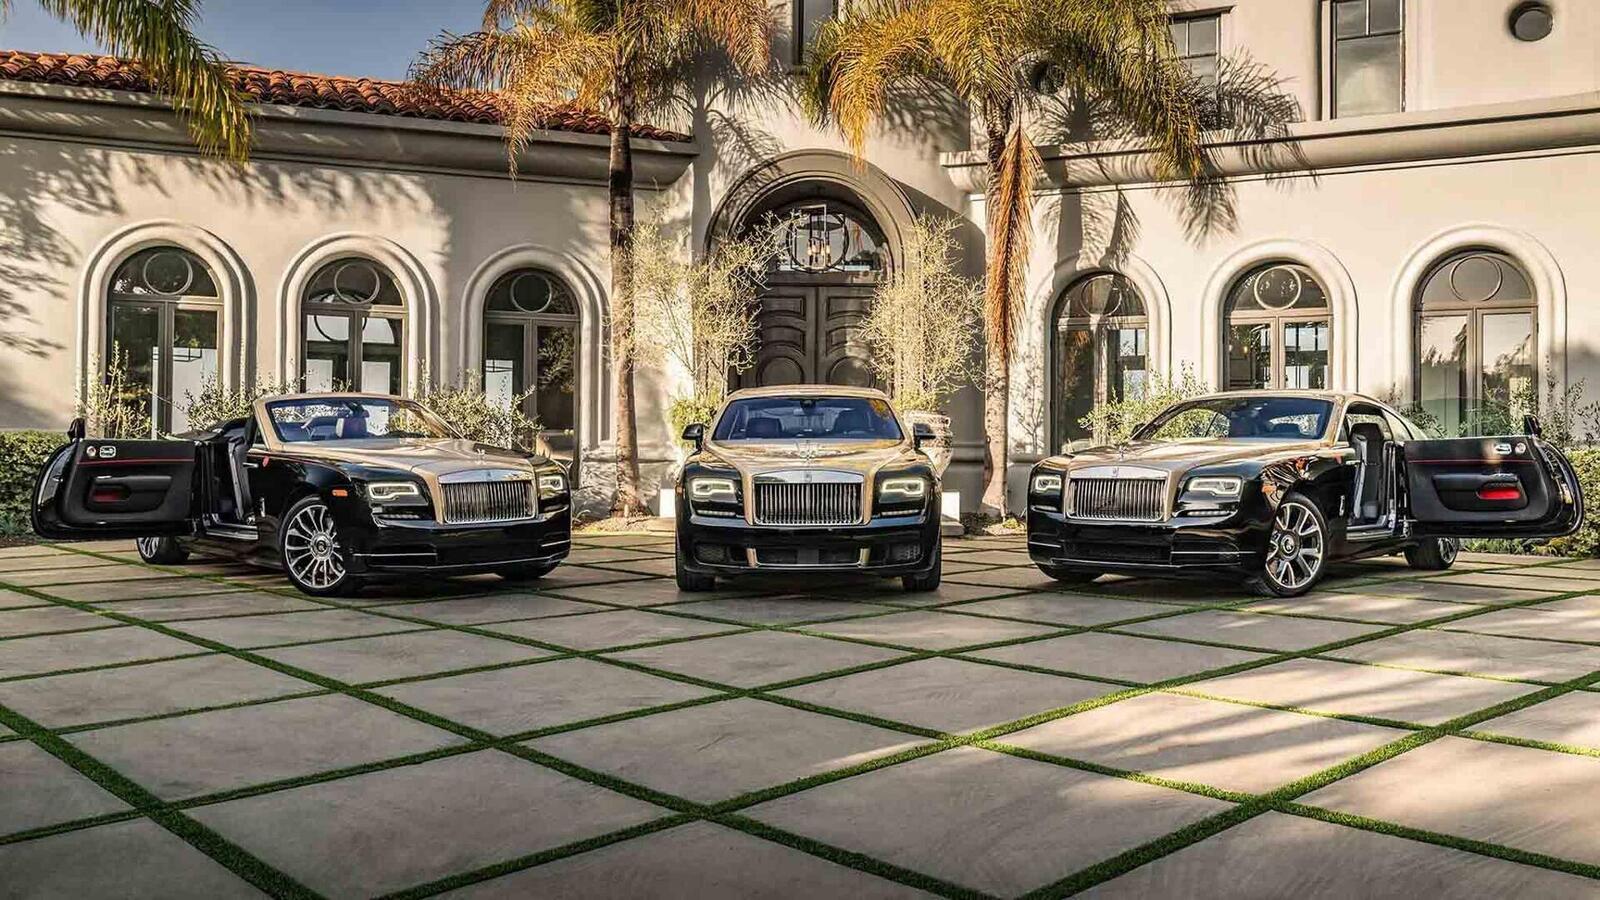 Mừng năm Kỷ Hợi, Rolls-Royce giới thiệu Ghost, Wraith và Dawn phiên bản đặc biệt ''Year of the Pig'' - Hình 1